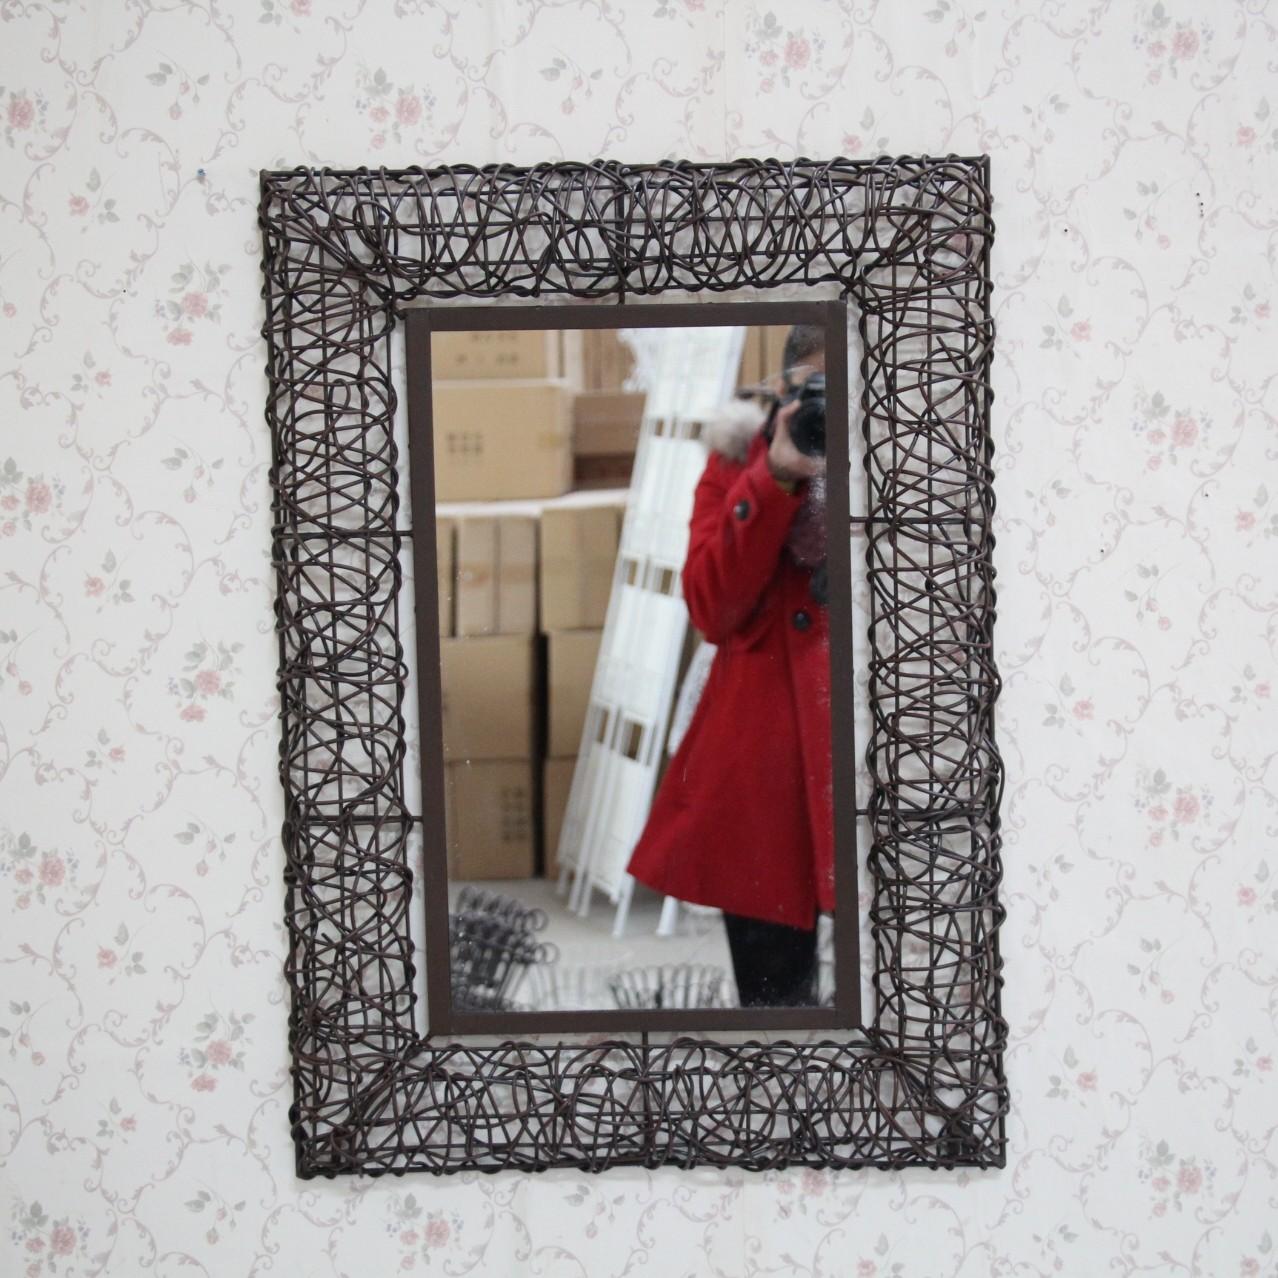 욕실 거울 프레임-저렴하게 구매 욕실 거울 프레임 중국에서 ...